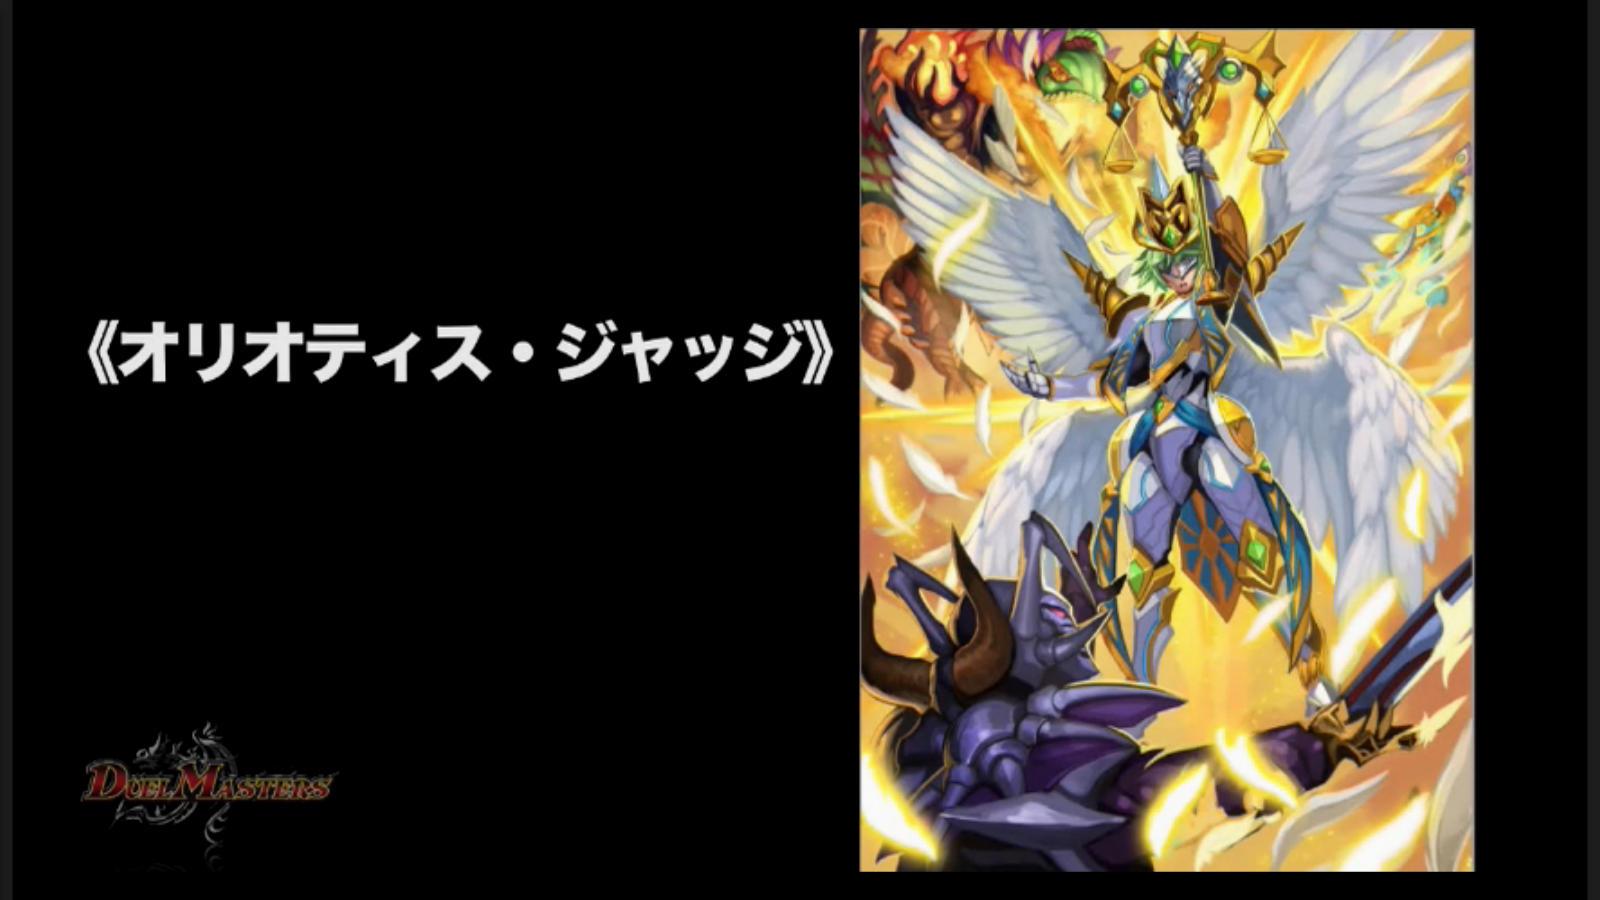 dm-kakumei-finalcup-news-170226-105.jpg